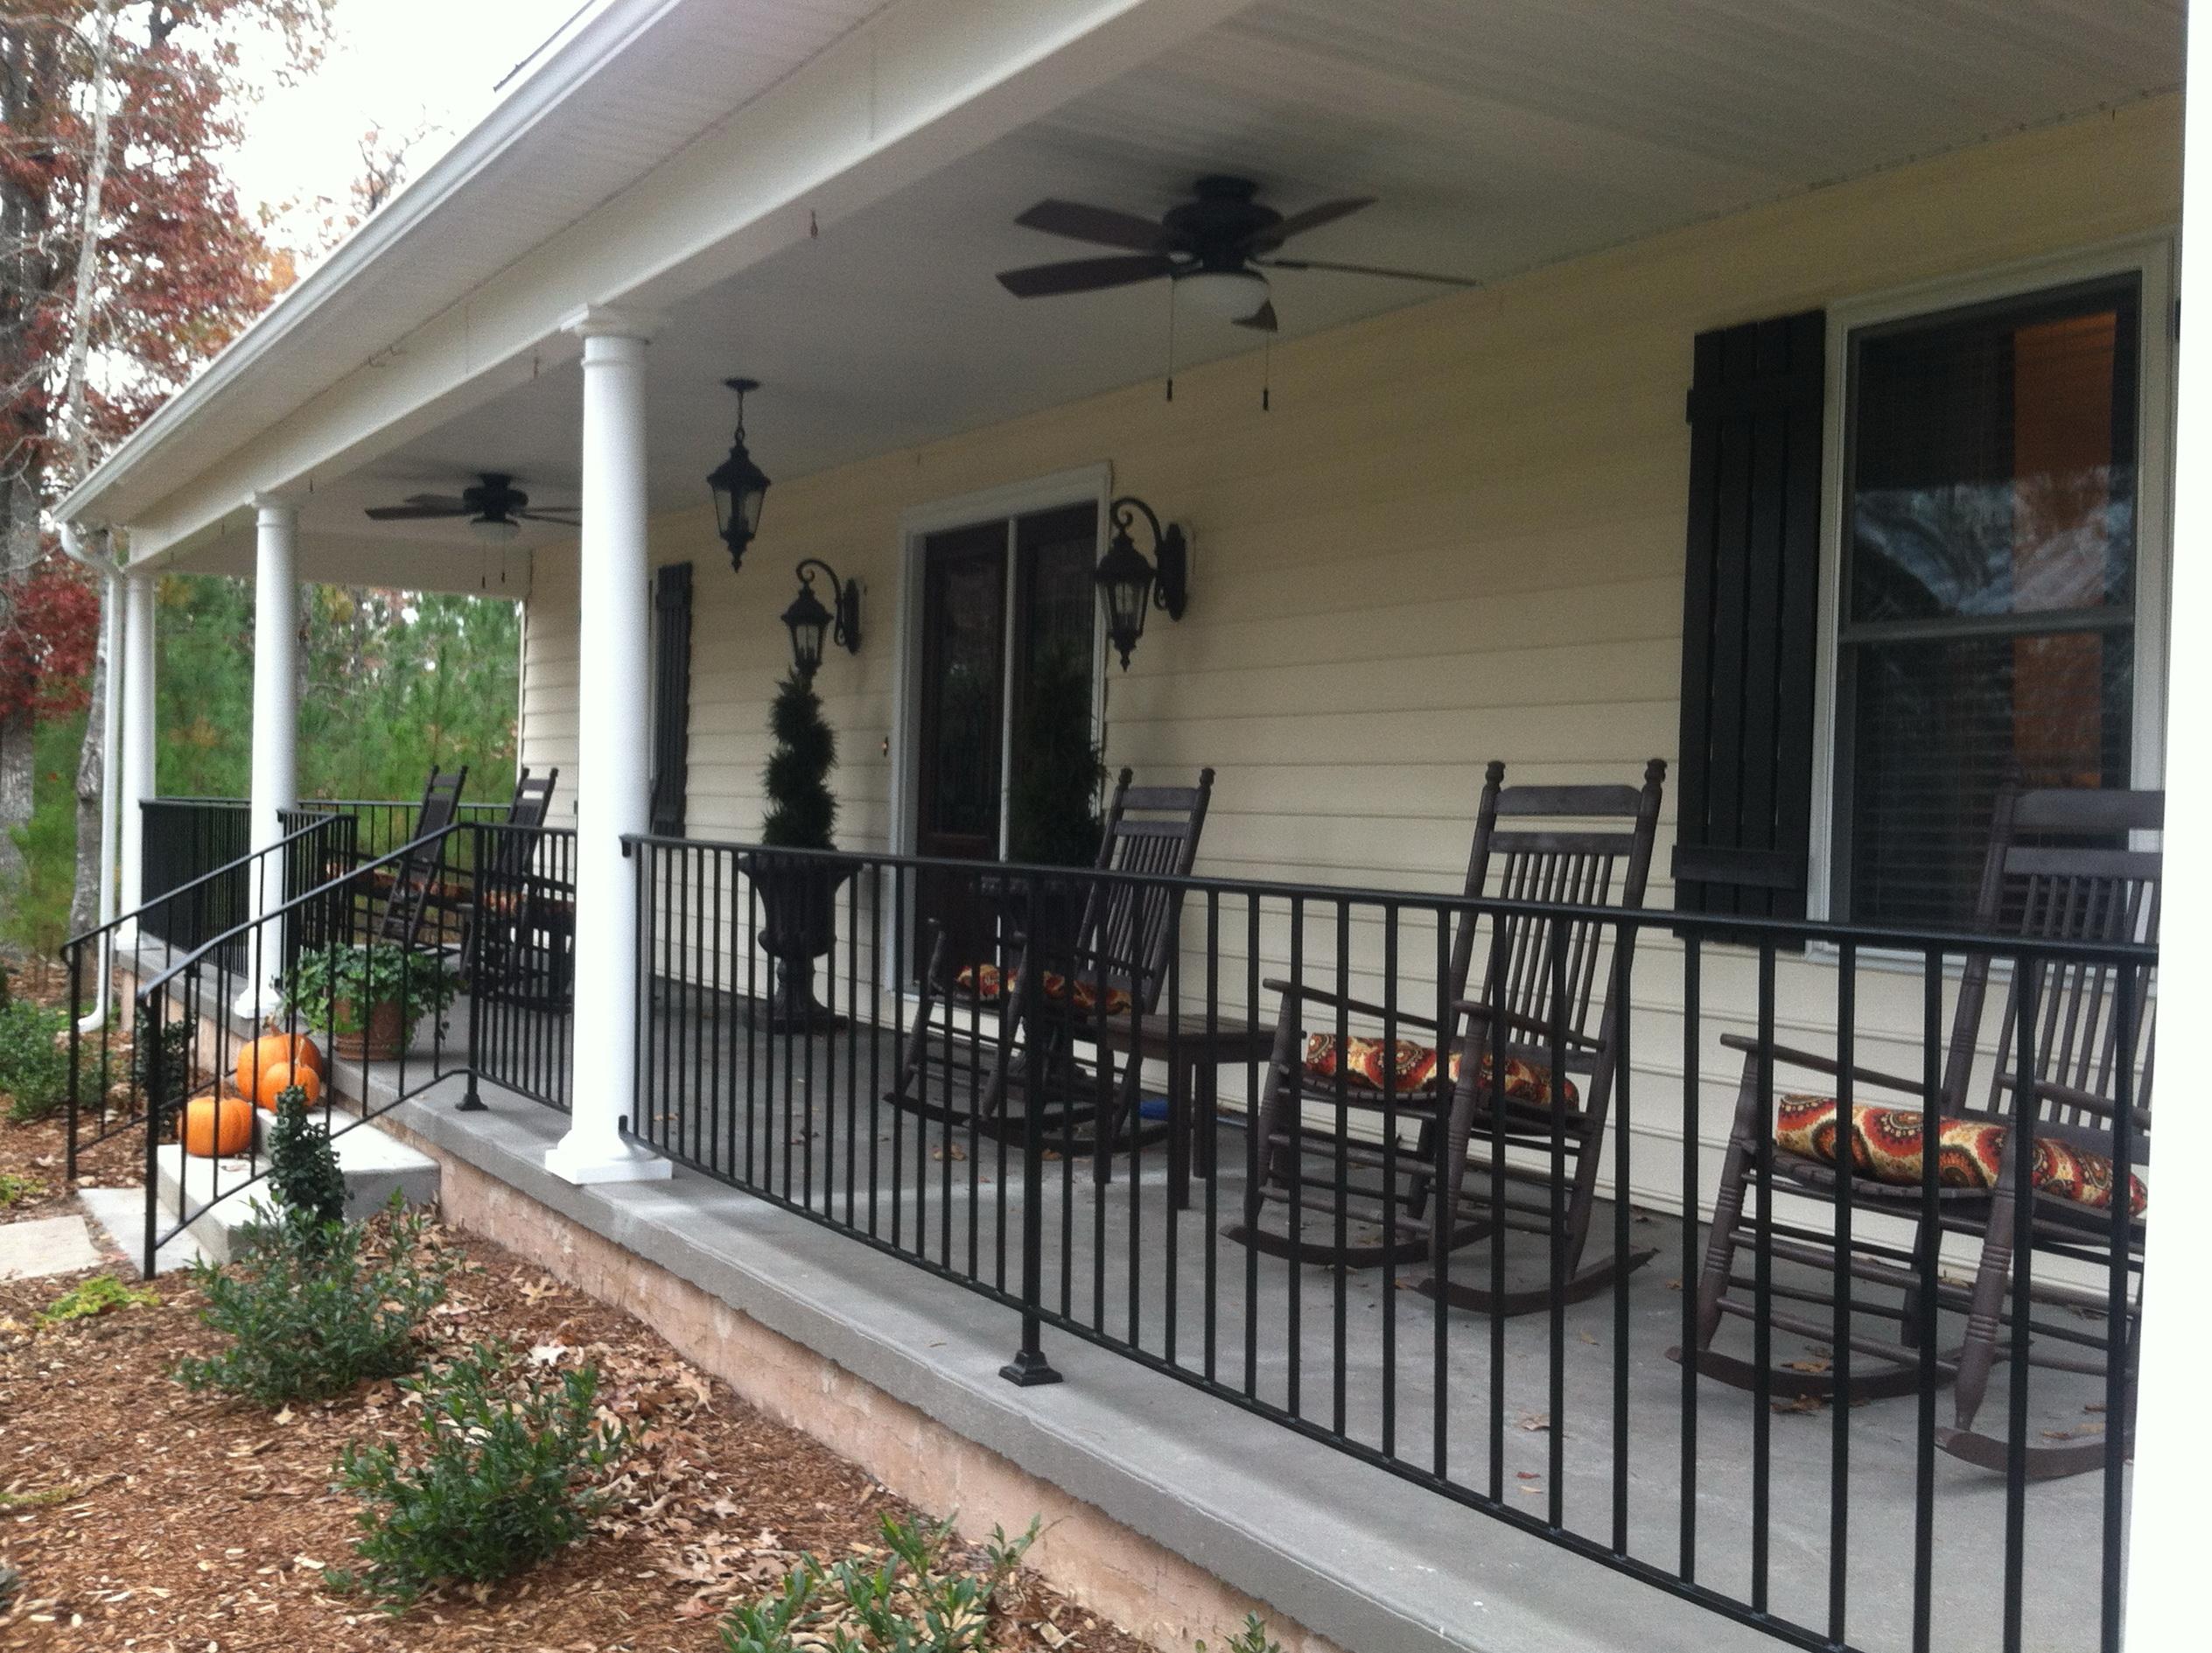 Rod Iron Railing For Porch Home Design Ideas